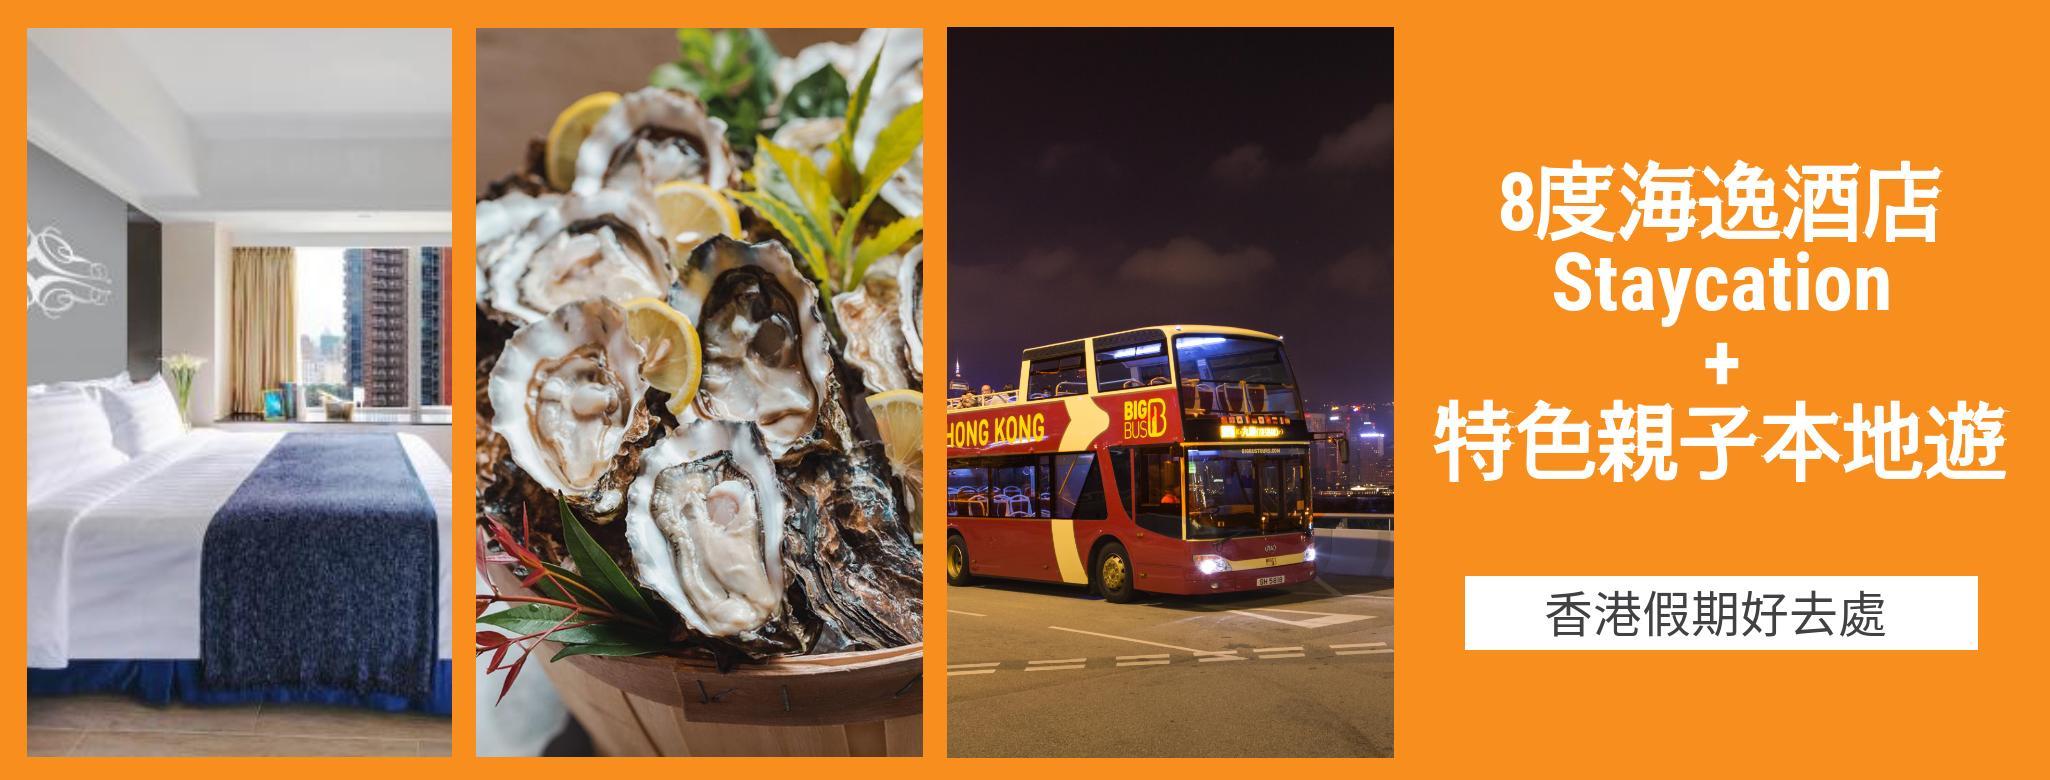 香港假期好去處 – 8度海逸酒店Staycation + 特色親子本地遊